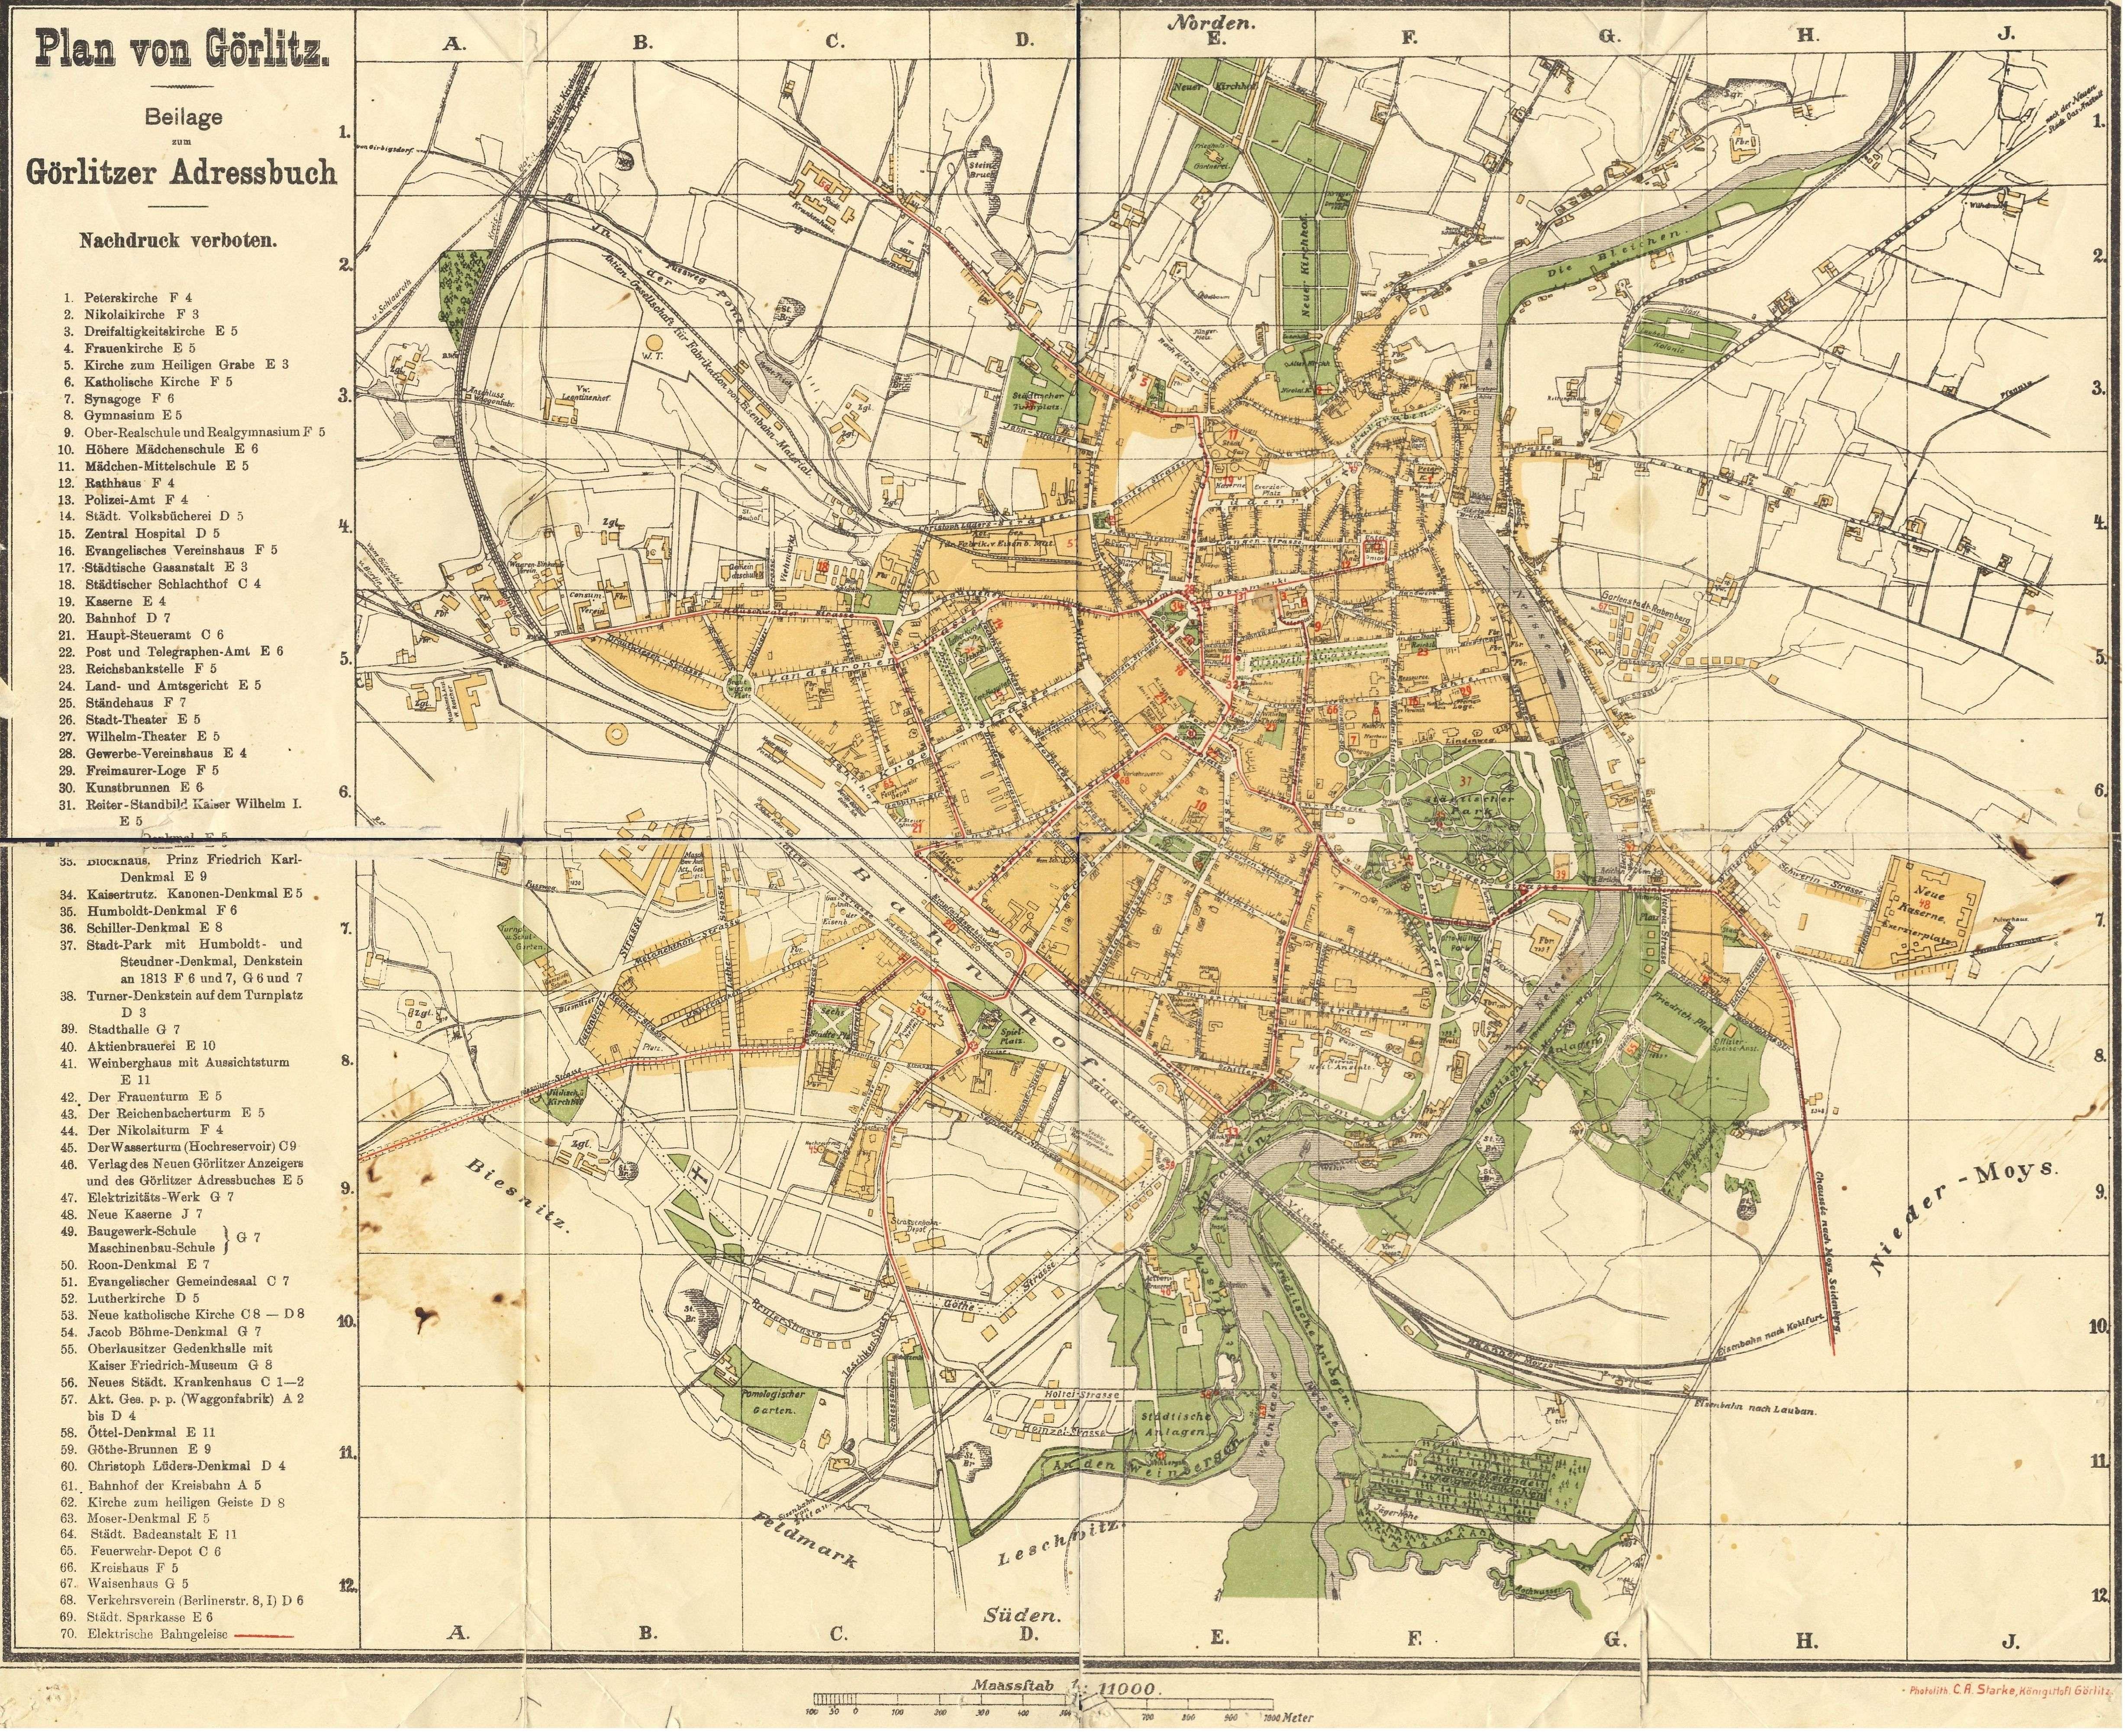 Zgorzelec Gorlitz Mapy Plany Zgorzelec Zdjecia